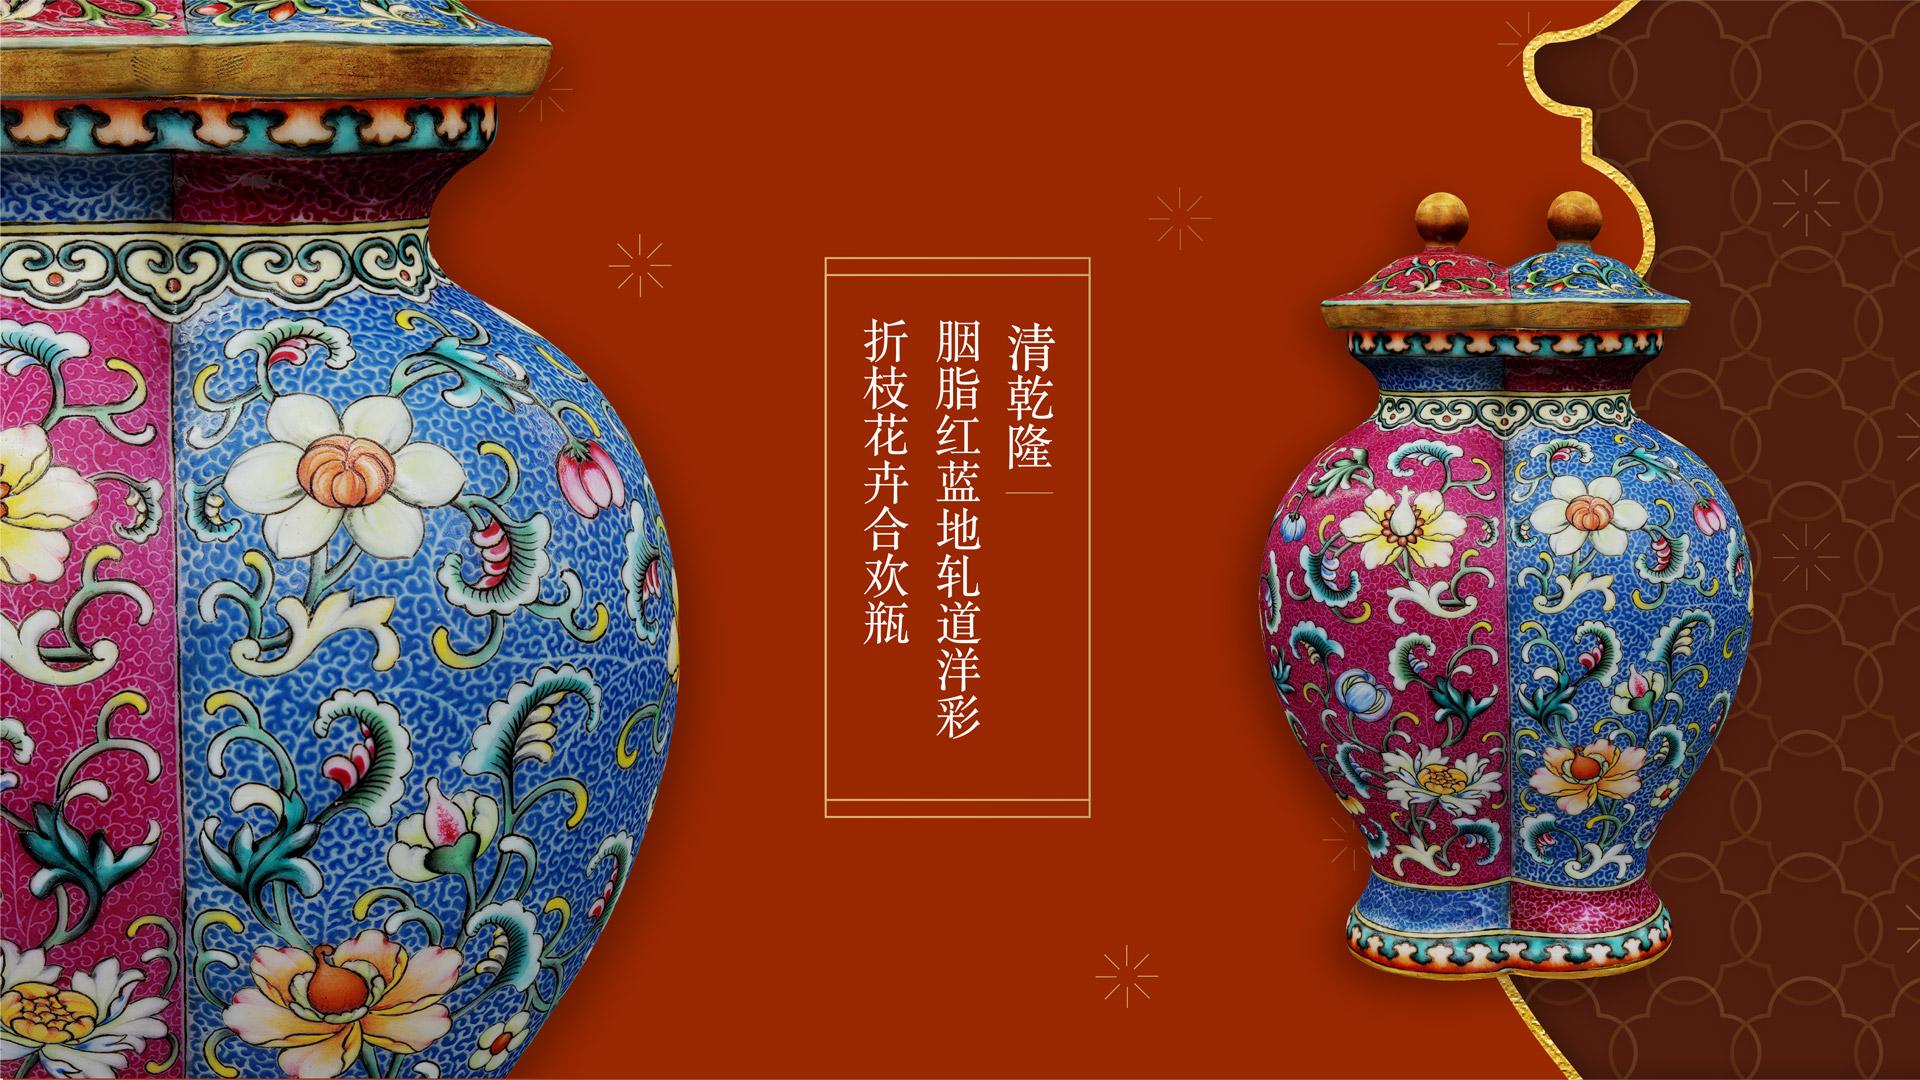 乾隆款-胭脂红蓝地轧道珐琅彩折枝花纹合欢瓶